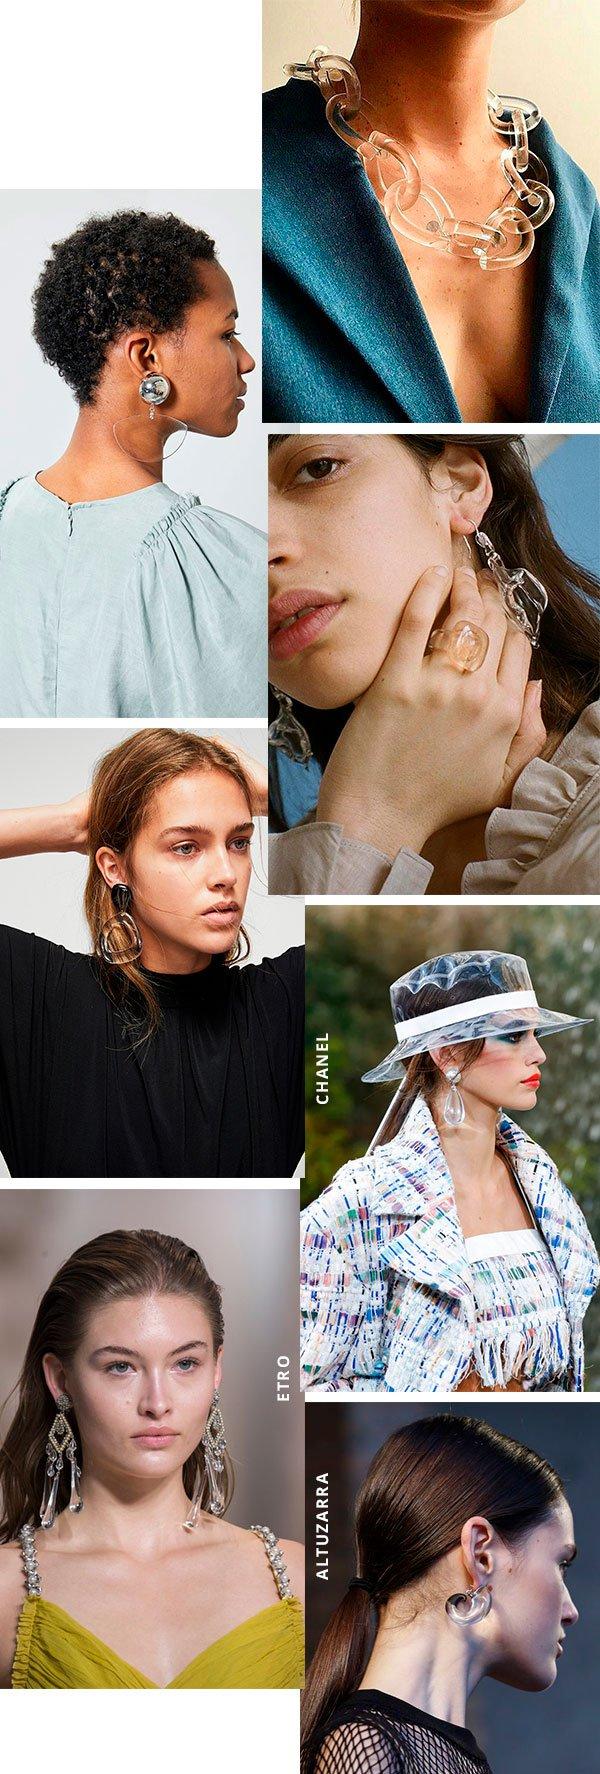 acessorios - transparentes - moda - look - comprar